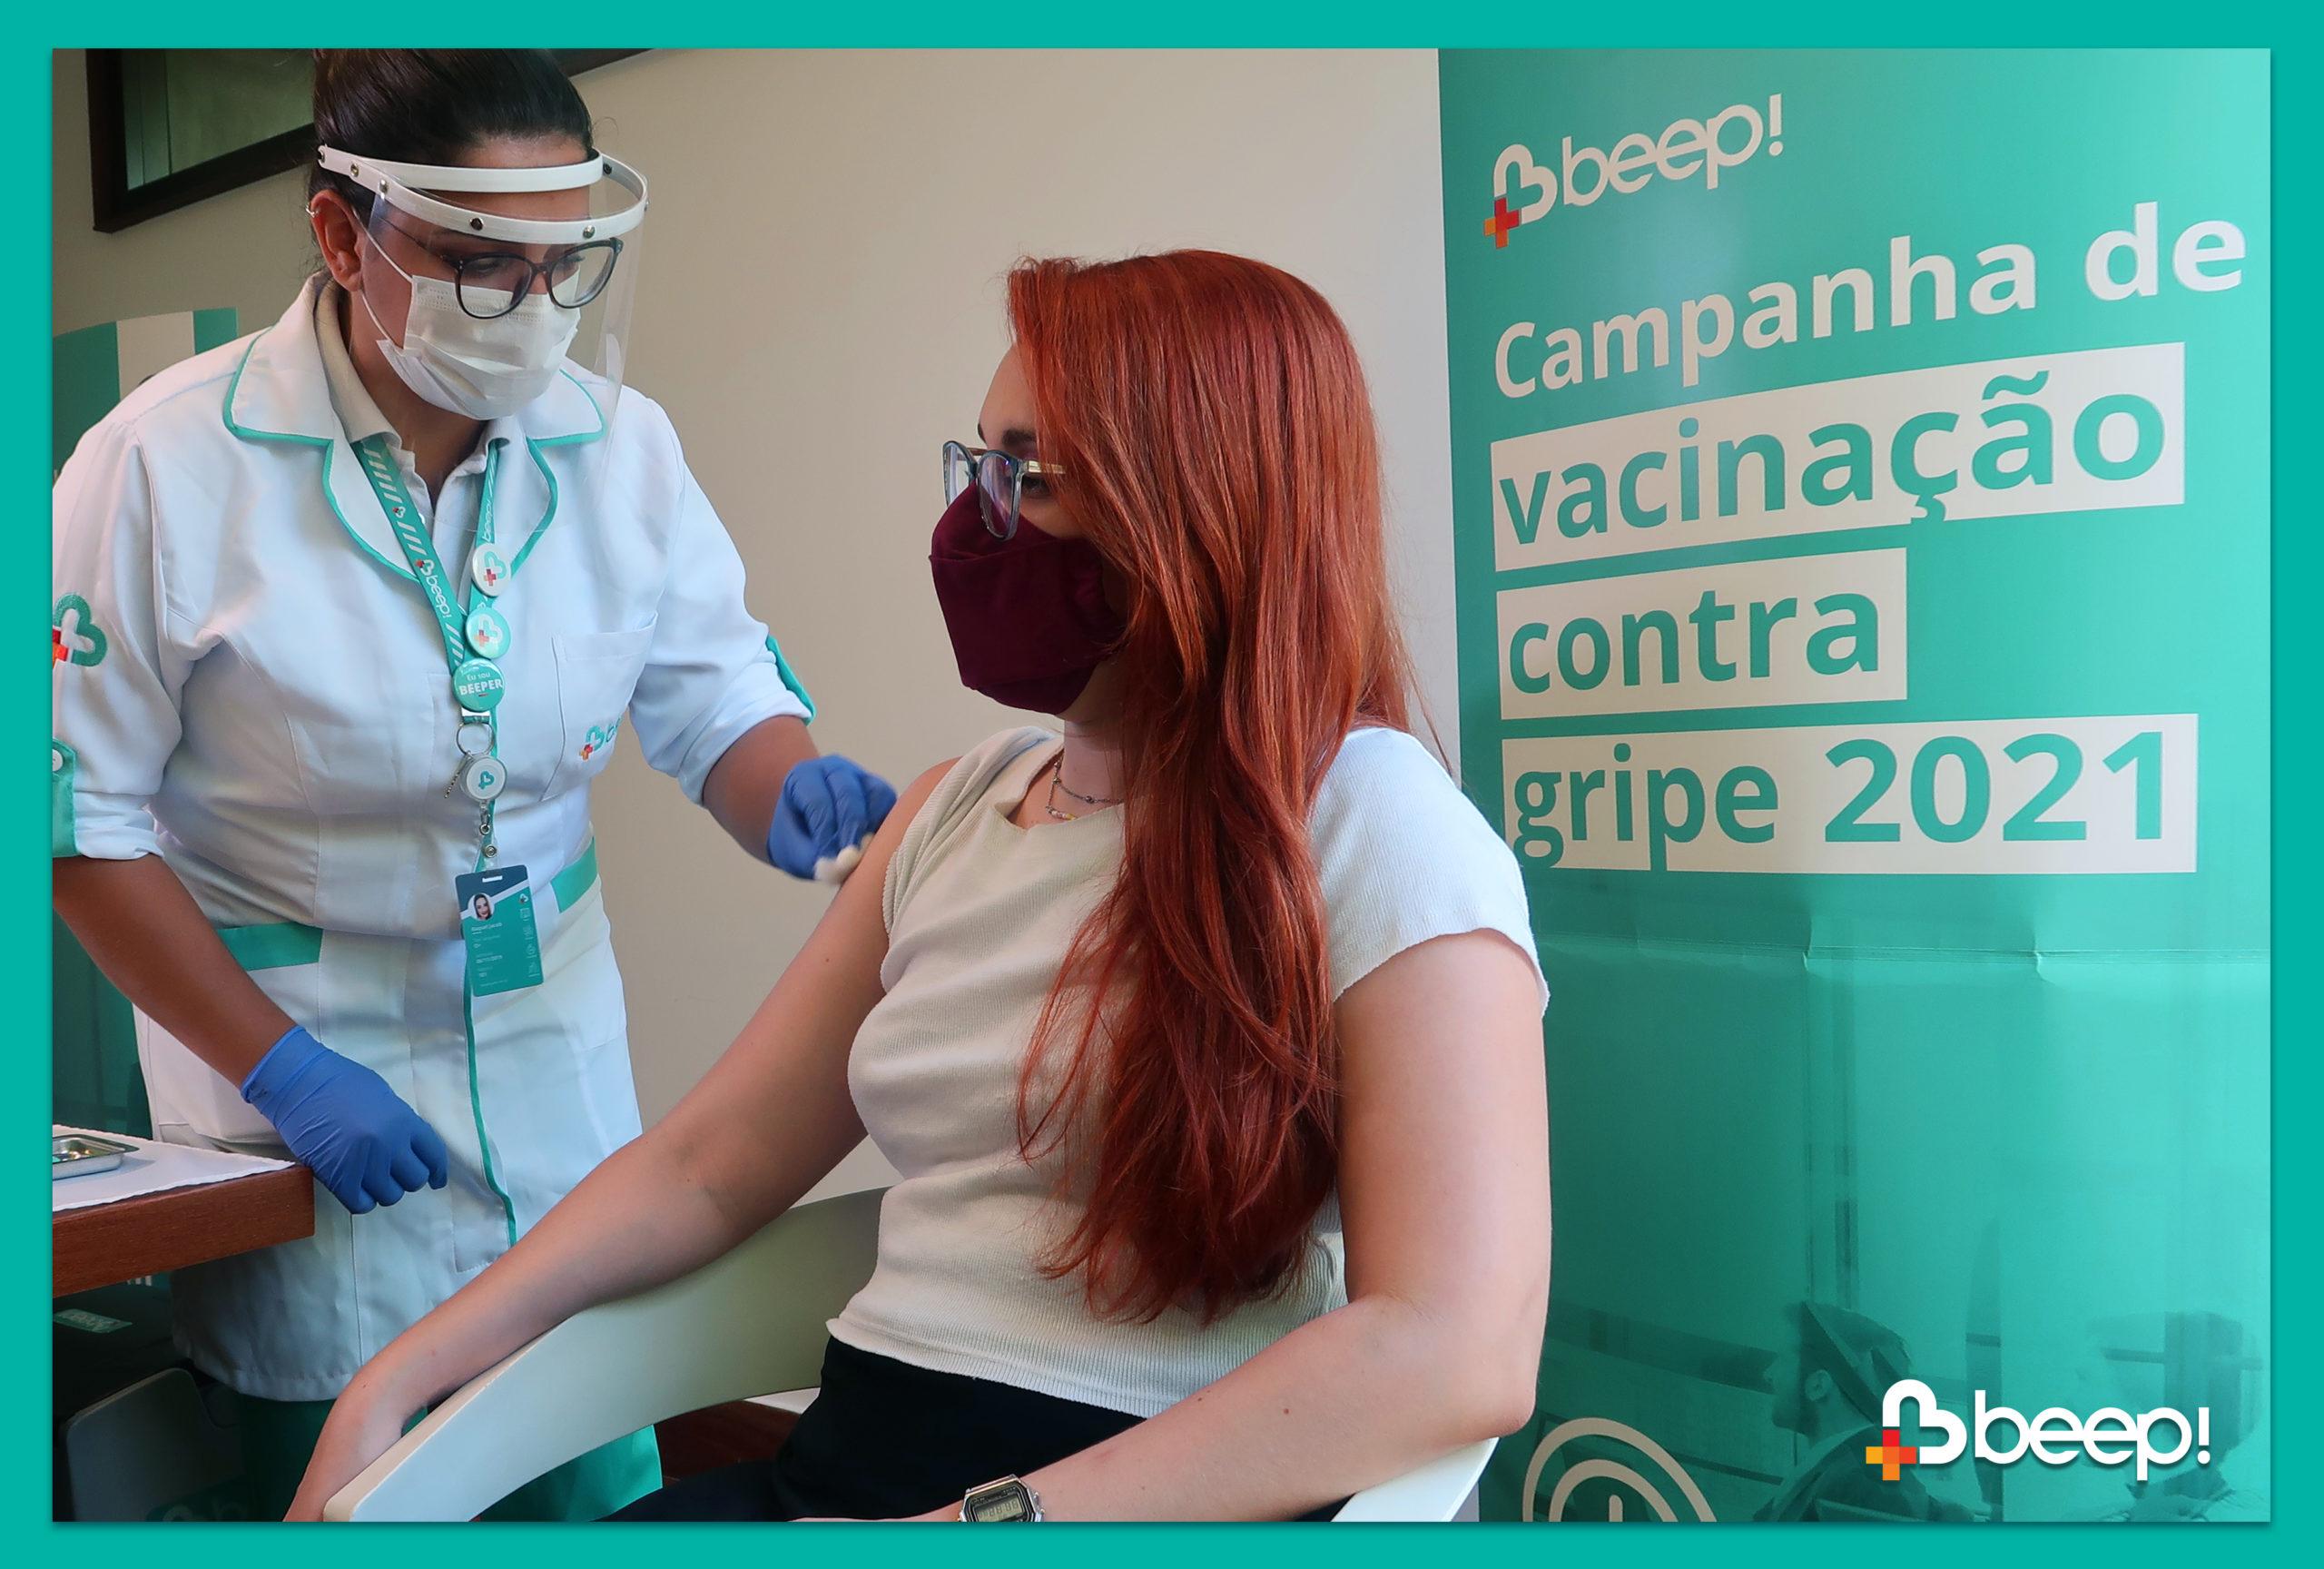 vacina da gripe em empresas